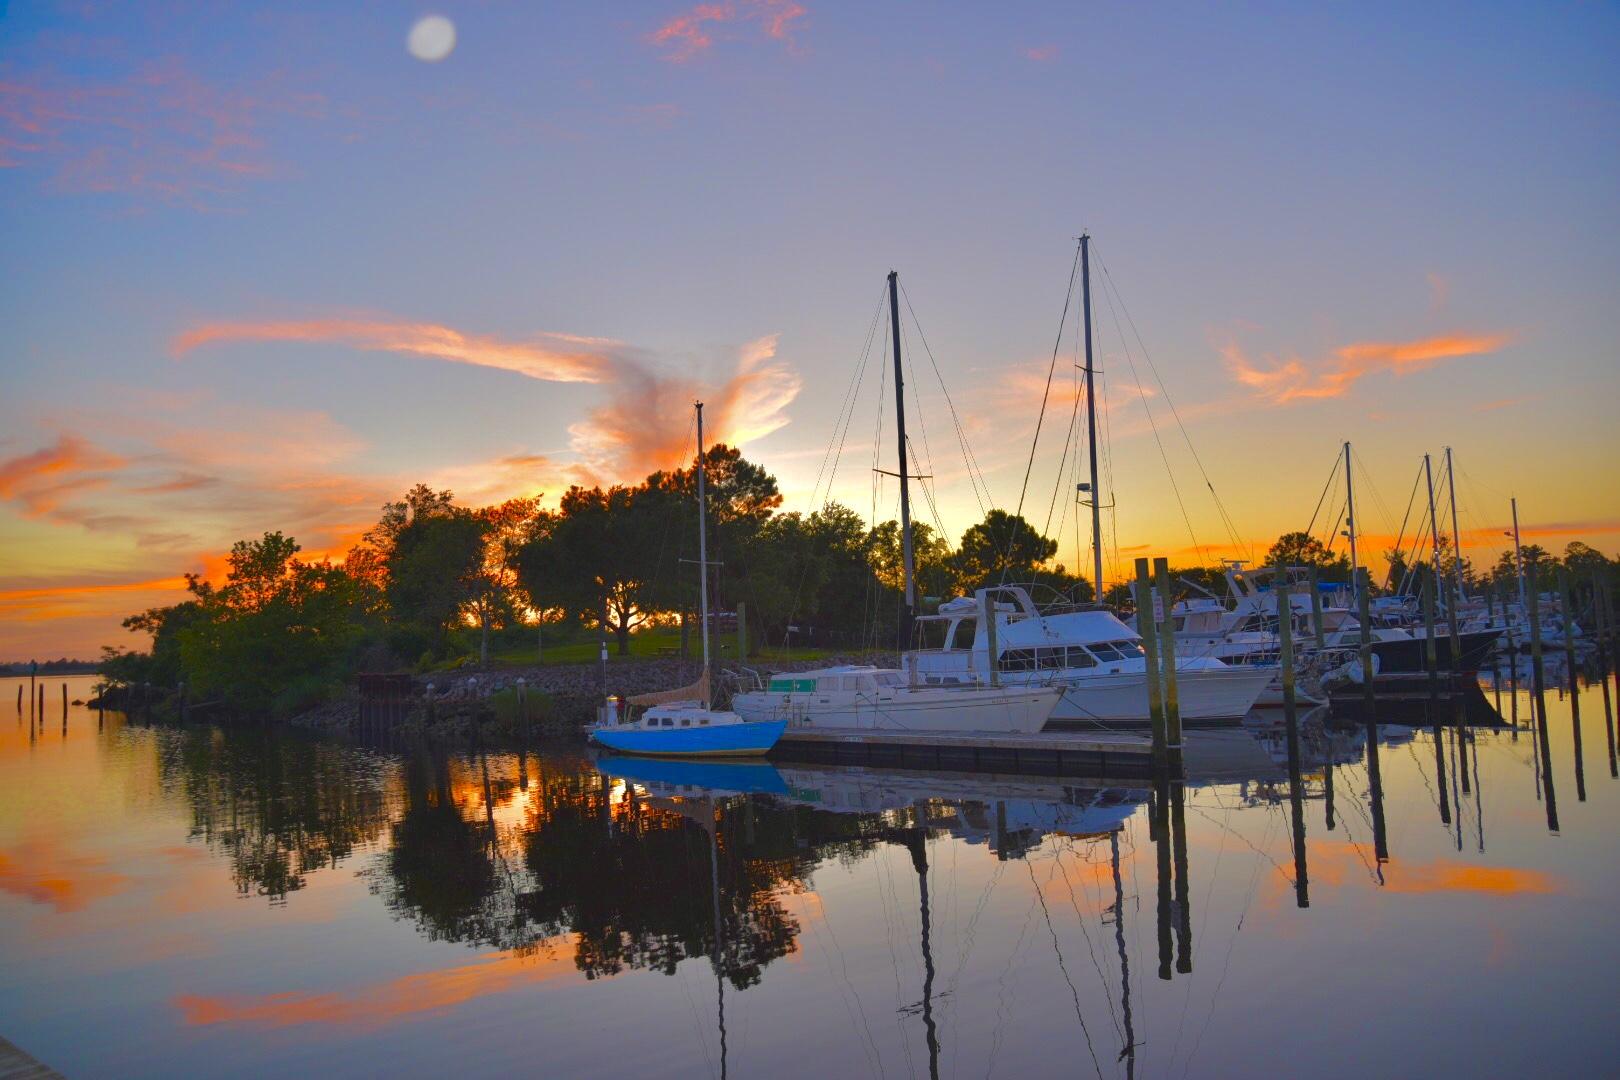 Sunset at Wilmington Marine